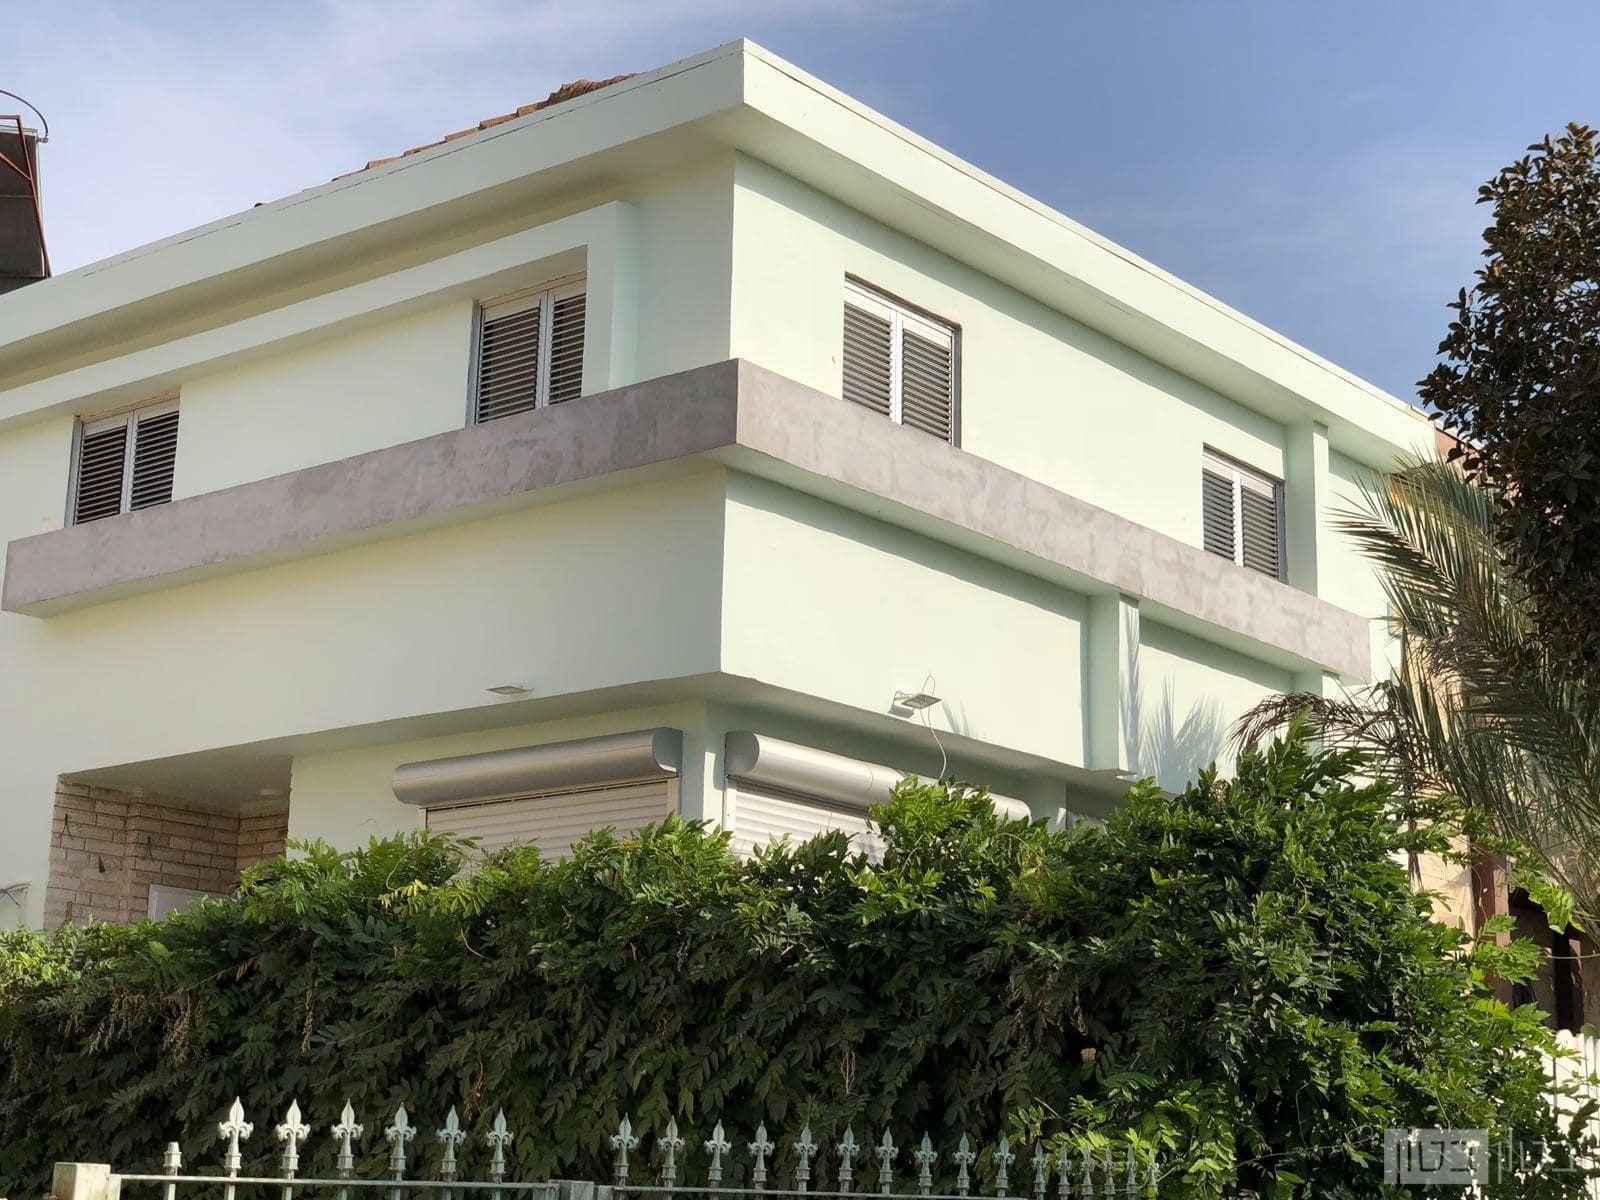 בטון אדריכלי כעיטור לבניין